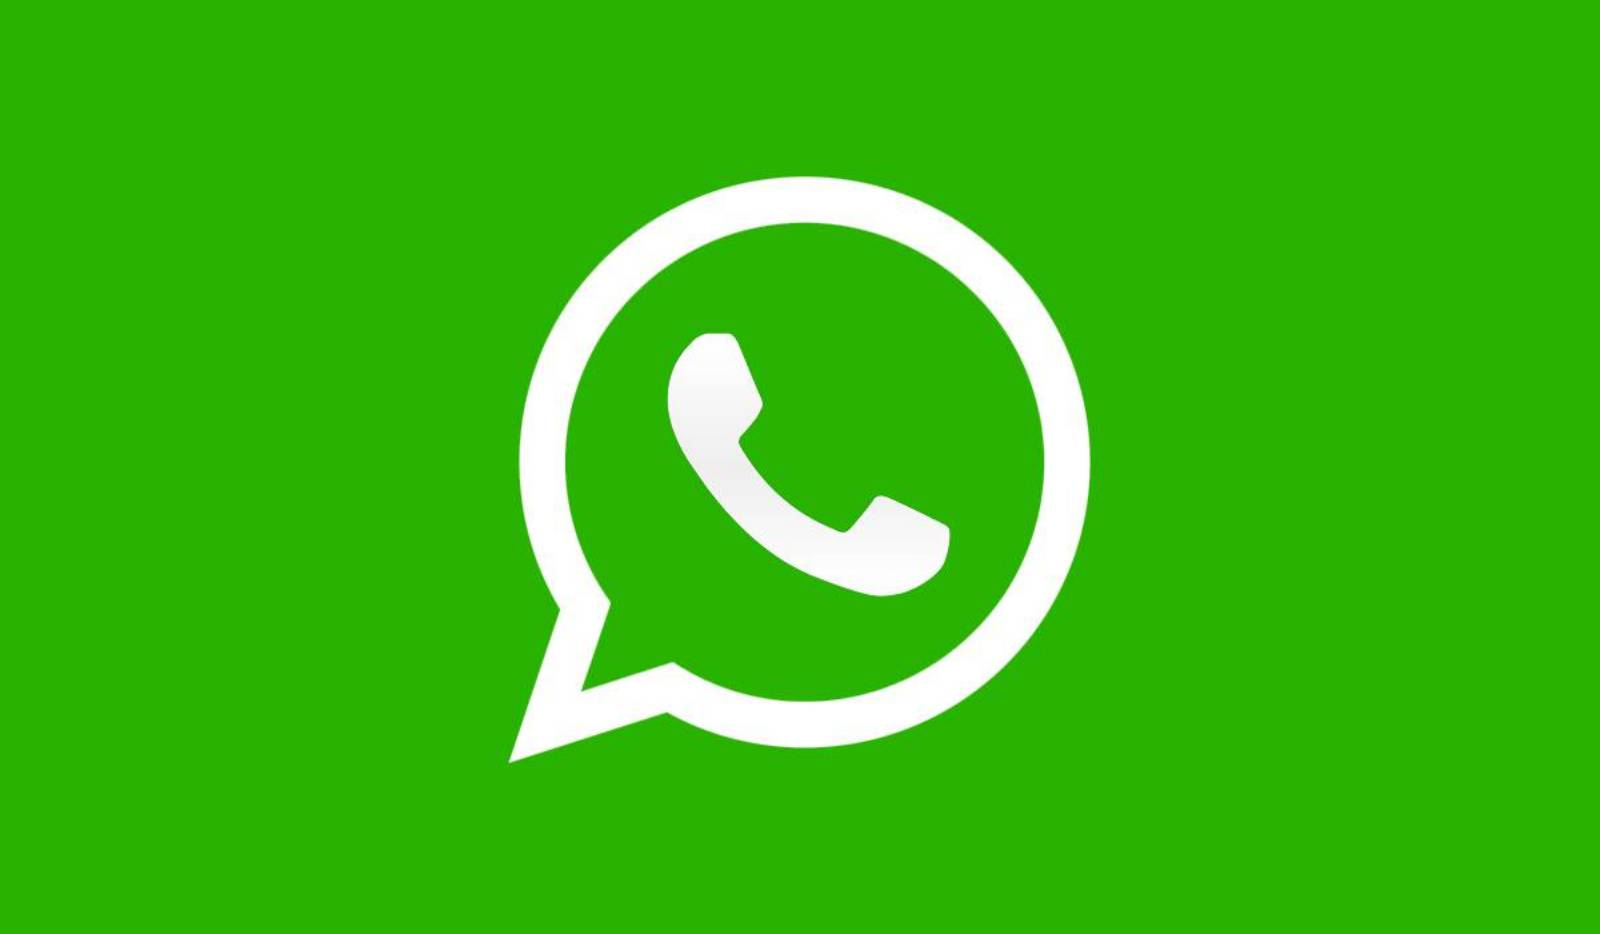 WhatsApp pin